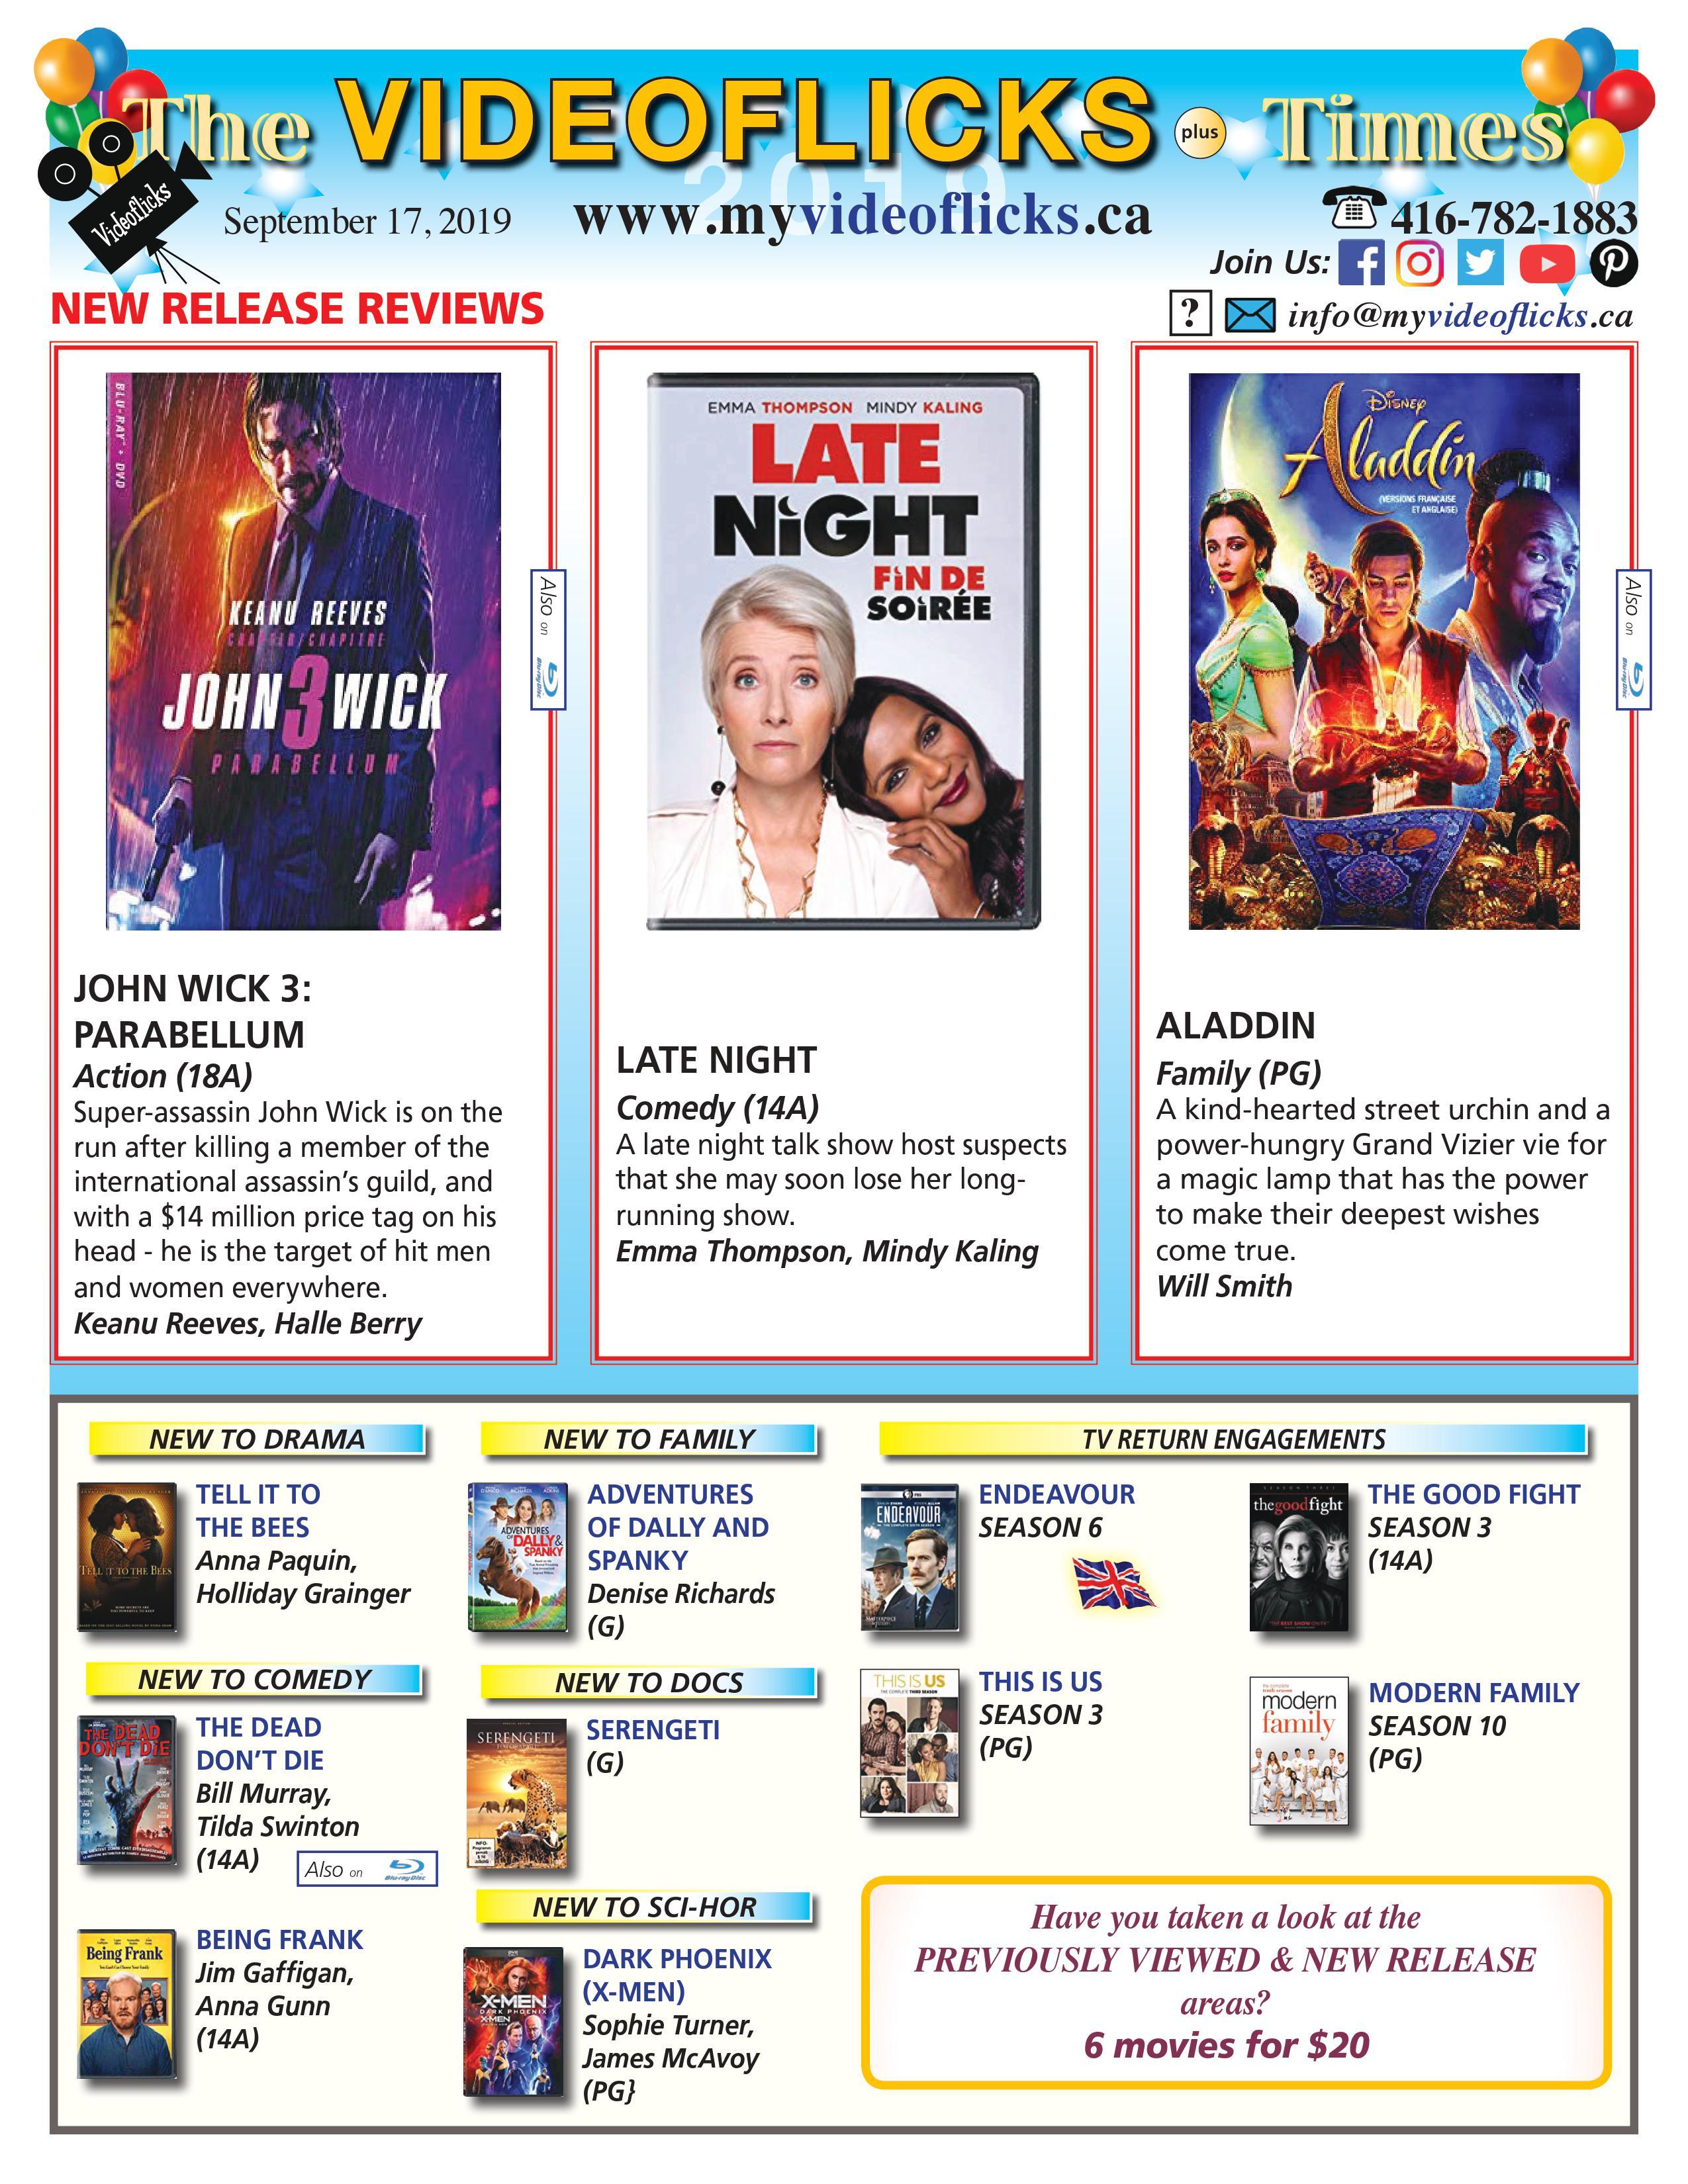 newsletter september 17 2019-1-dvd-rental-video-store-toronto